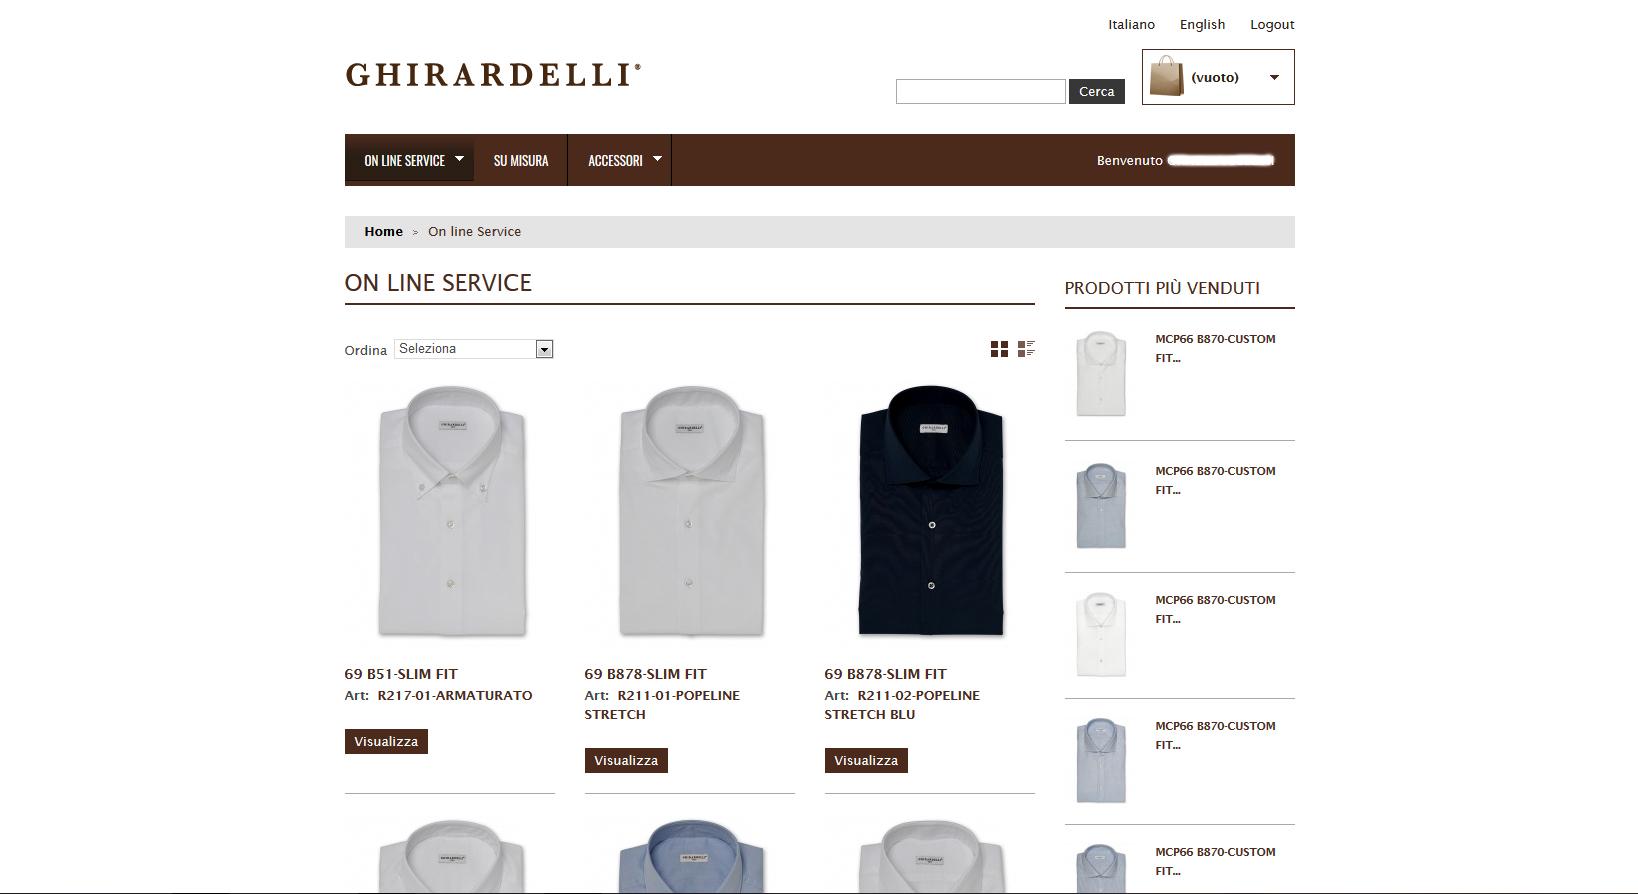 Ghirardelli – Gruppo V&V